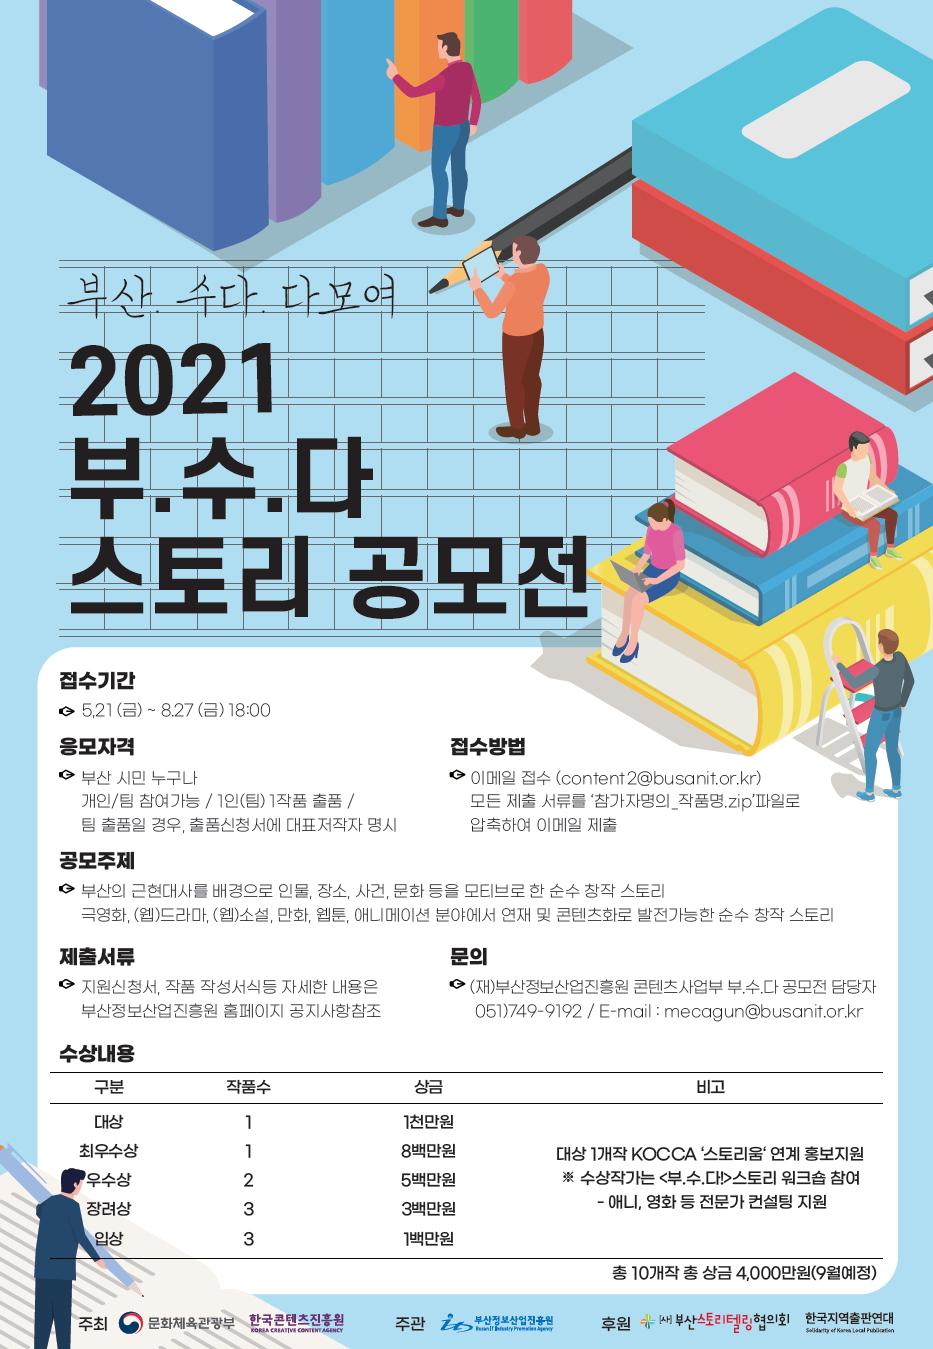 2021 부산.수다.다모여 스토리공모전 개최안내